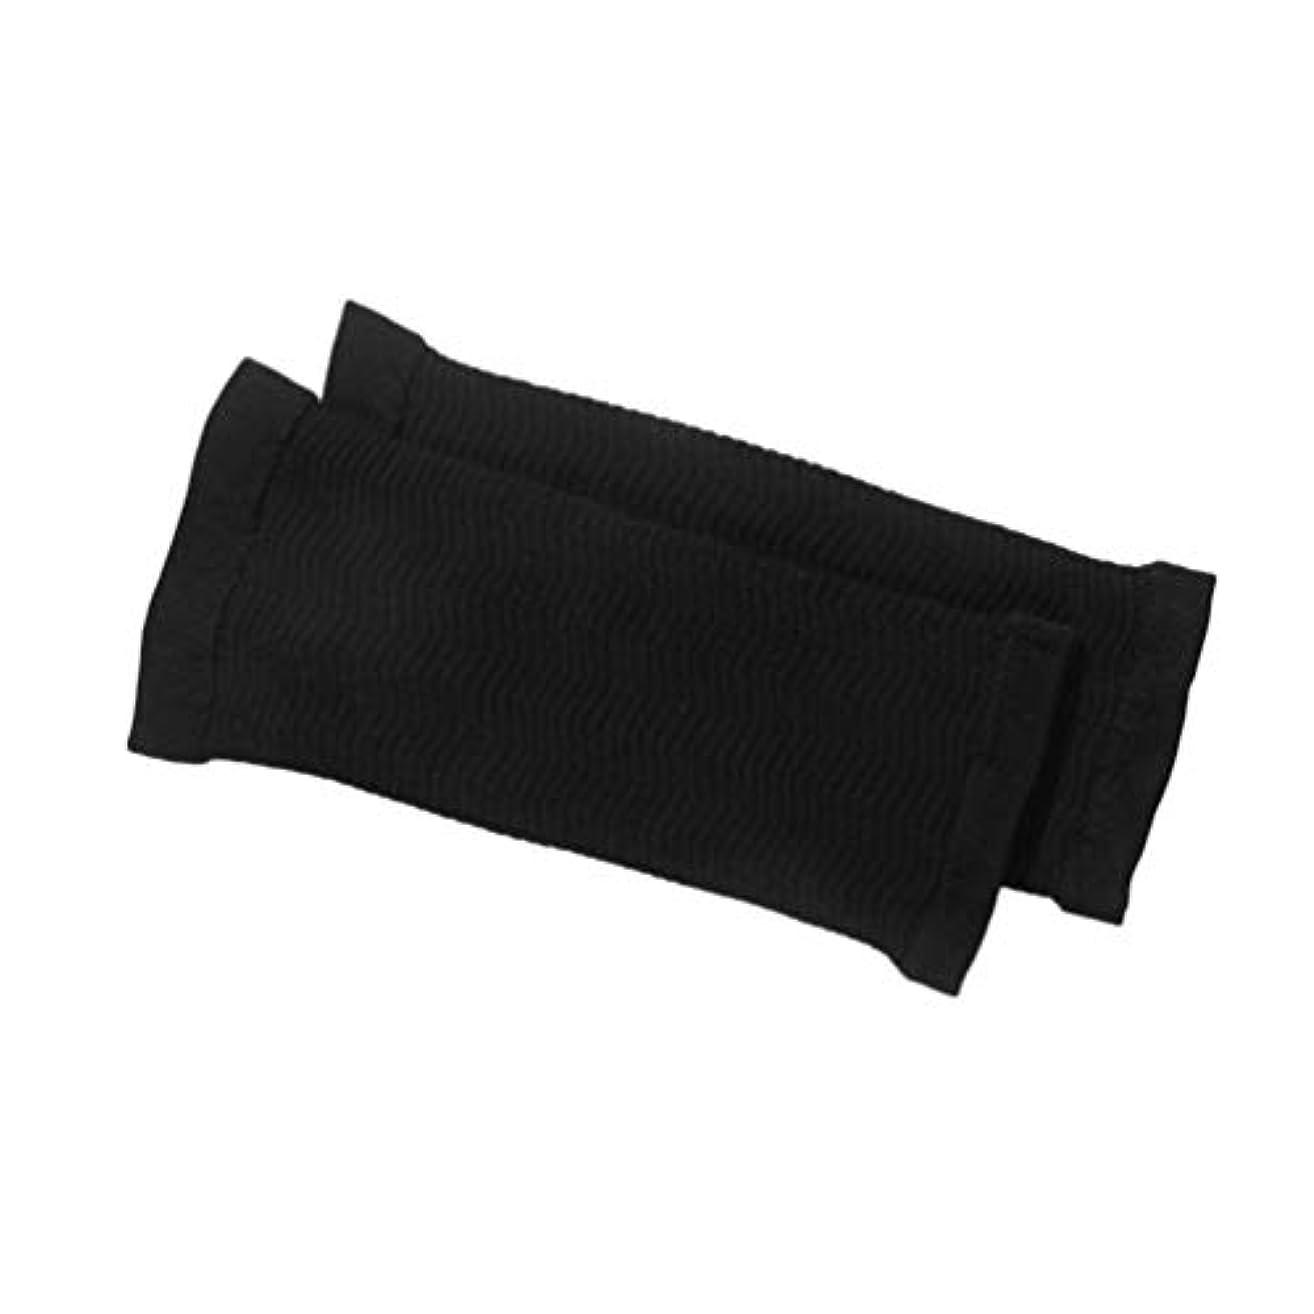 劇的考案する大使館1ペア420 D圧縮痩身アームスリーブワークアウトトーニングバーンセルライトシェイパー脂肪燃焼袖用女性 - 黒